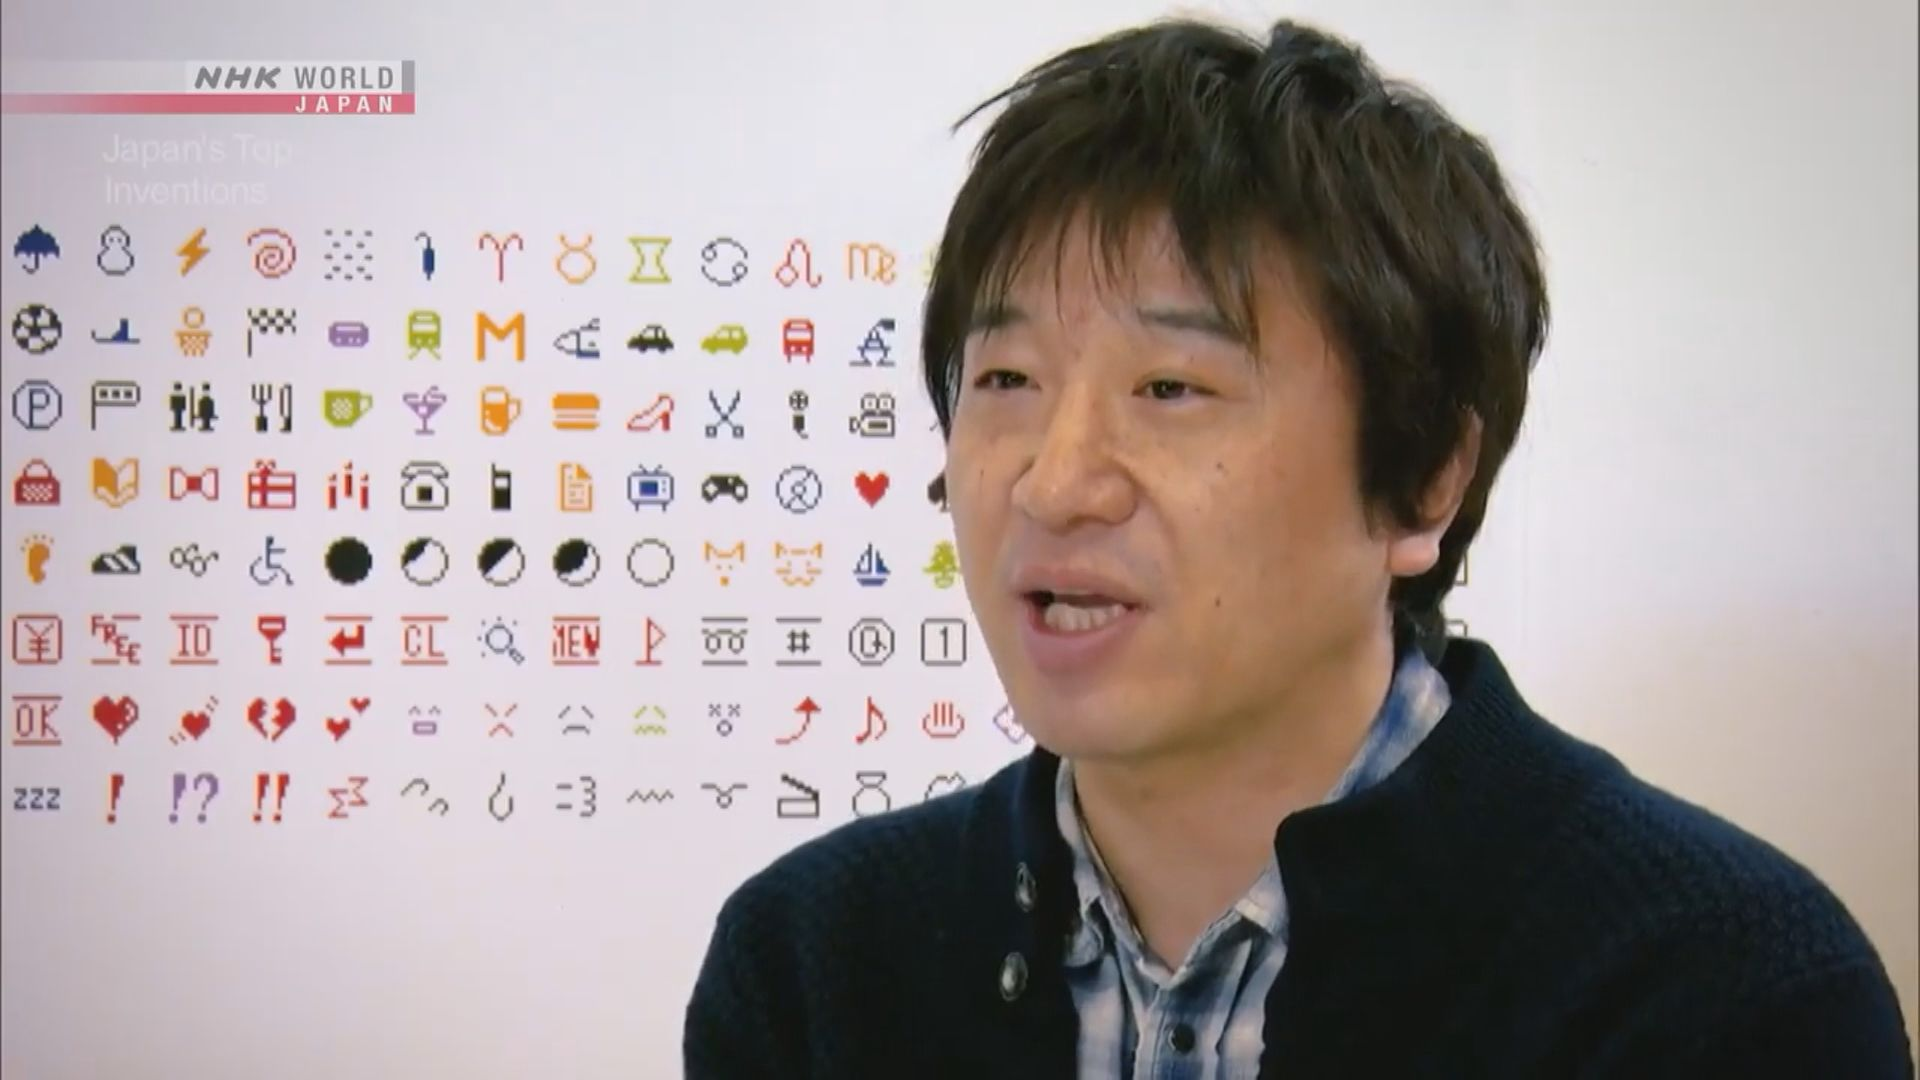 日本軟件工程師創造初步表情符號